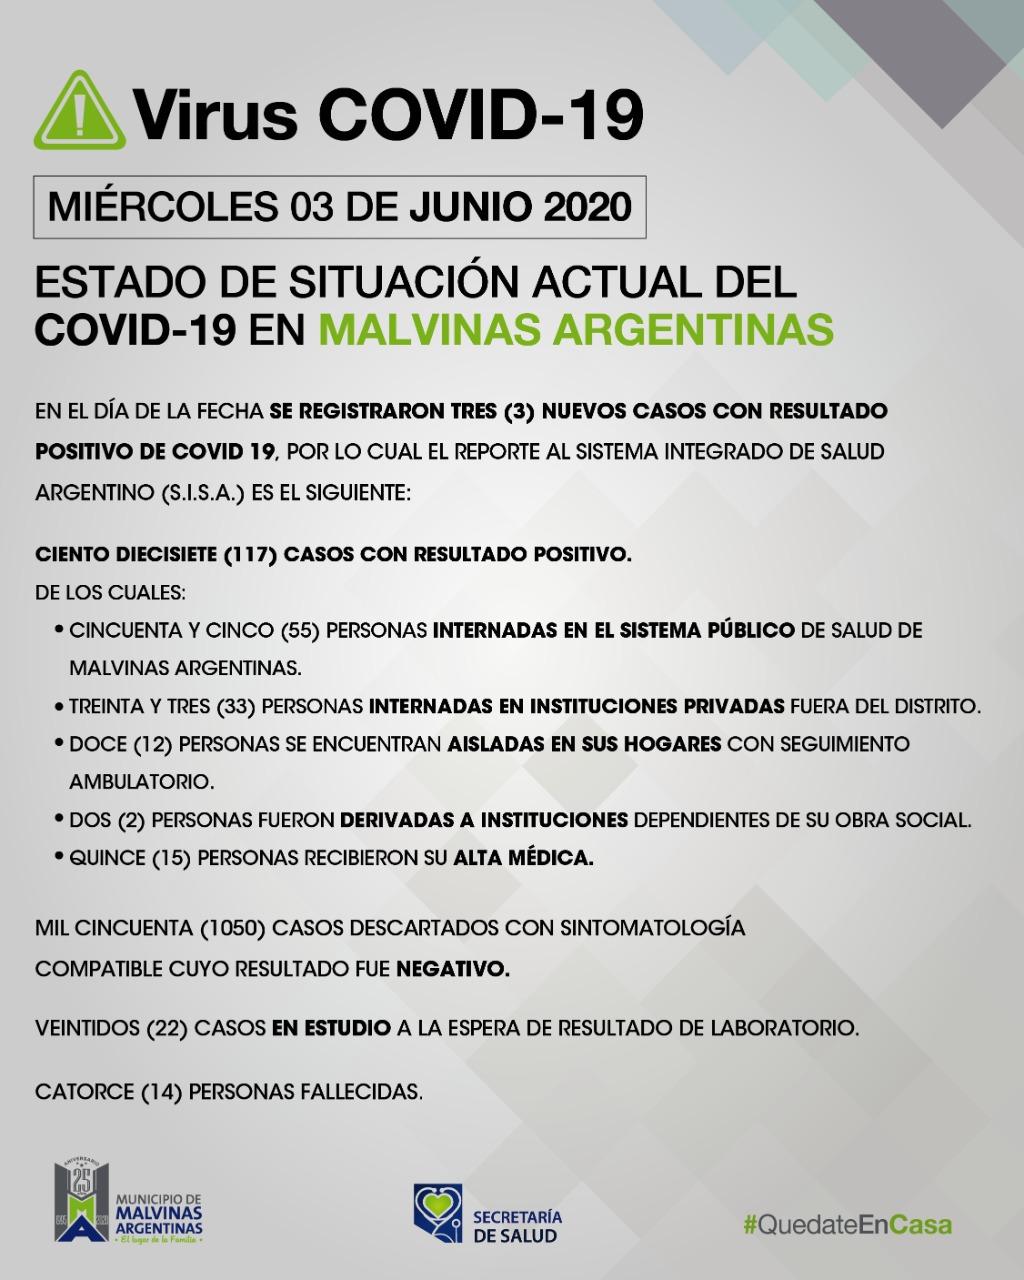 Malvinas Argentinas: Hoy se suman tres nuevos casos de Covid-19. Covid_30